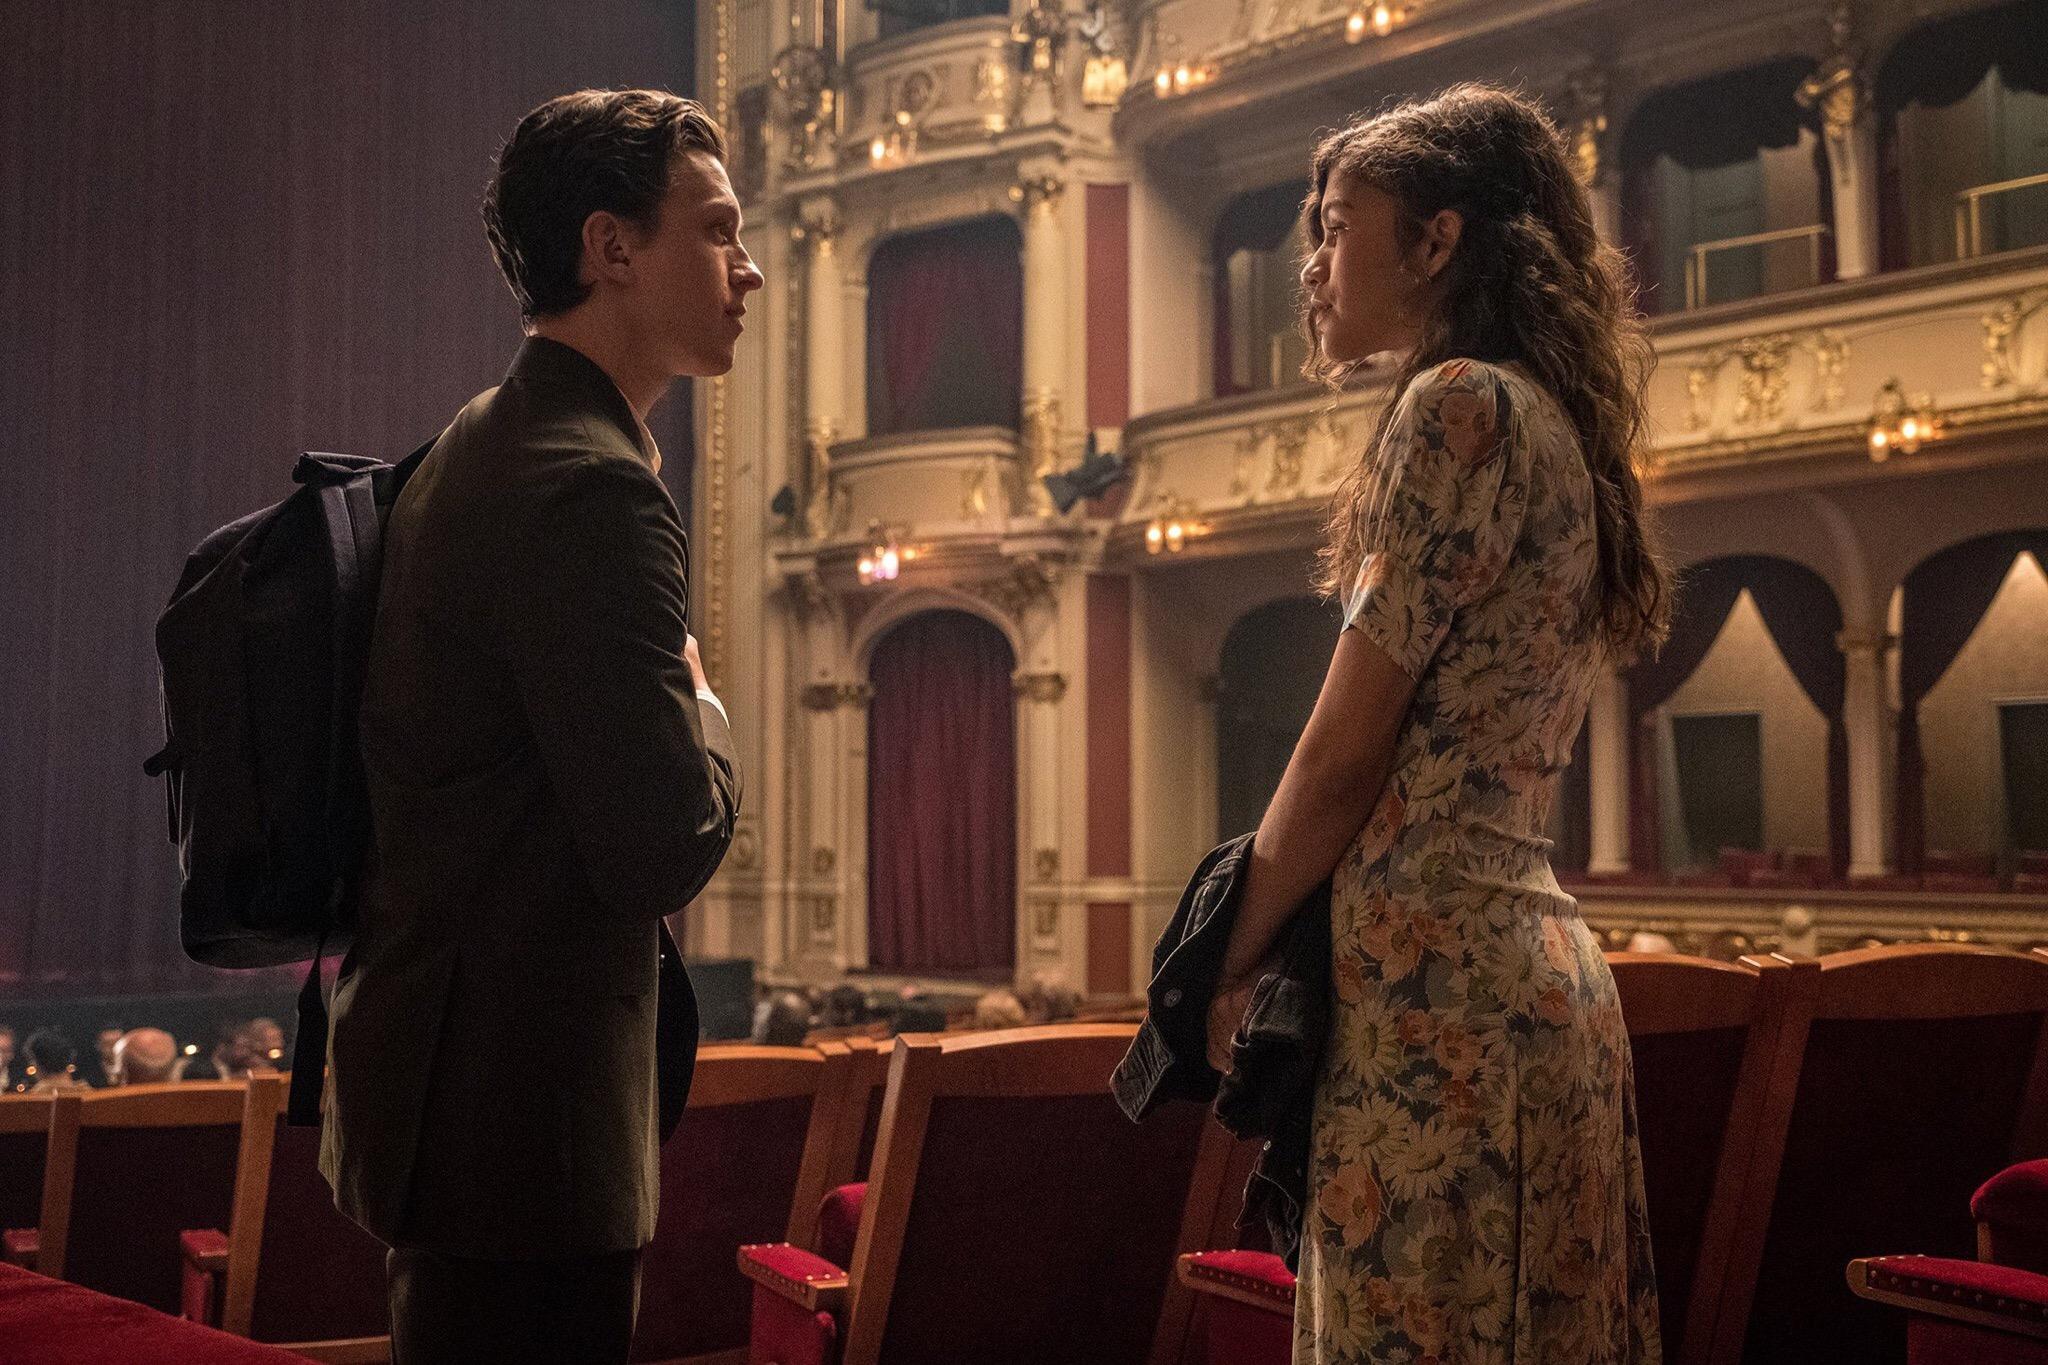 Свежие кадры «Человека-паука: Вдали от дома» показали Мистерио и свидание Питера